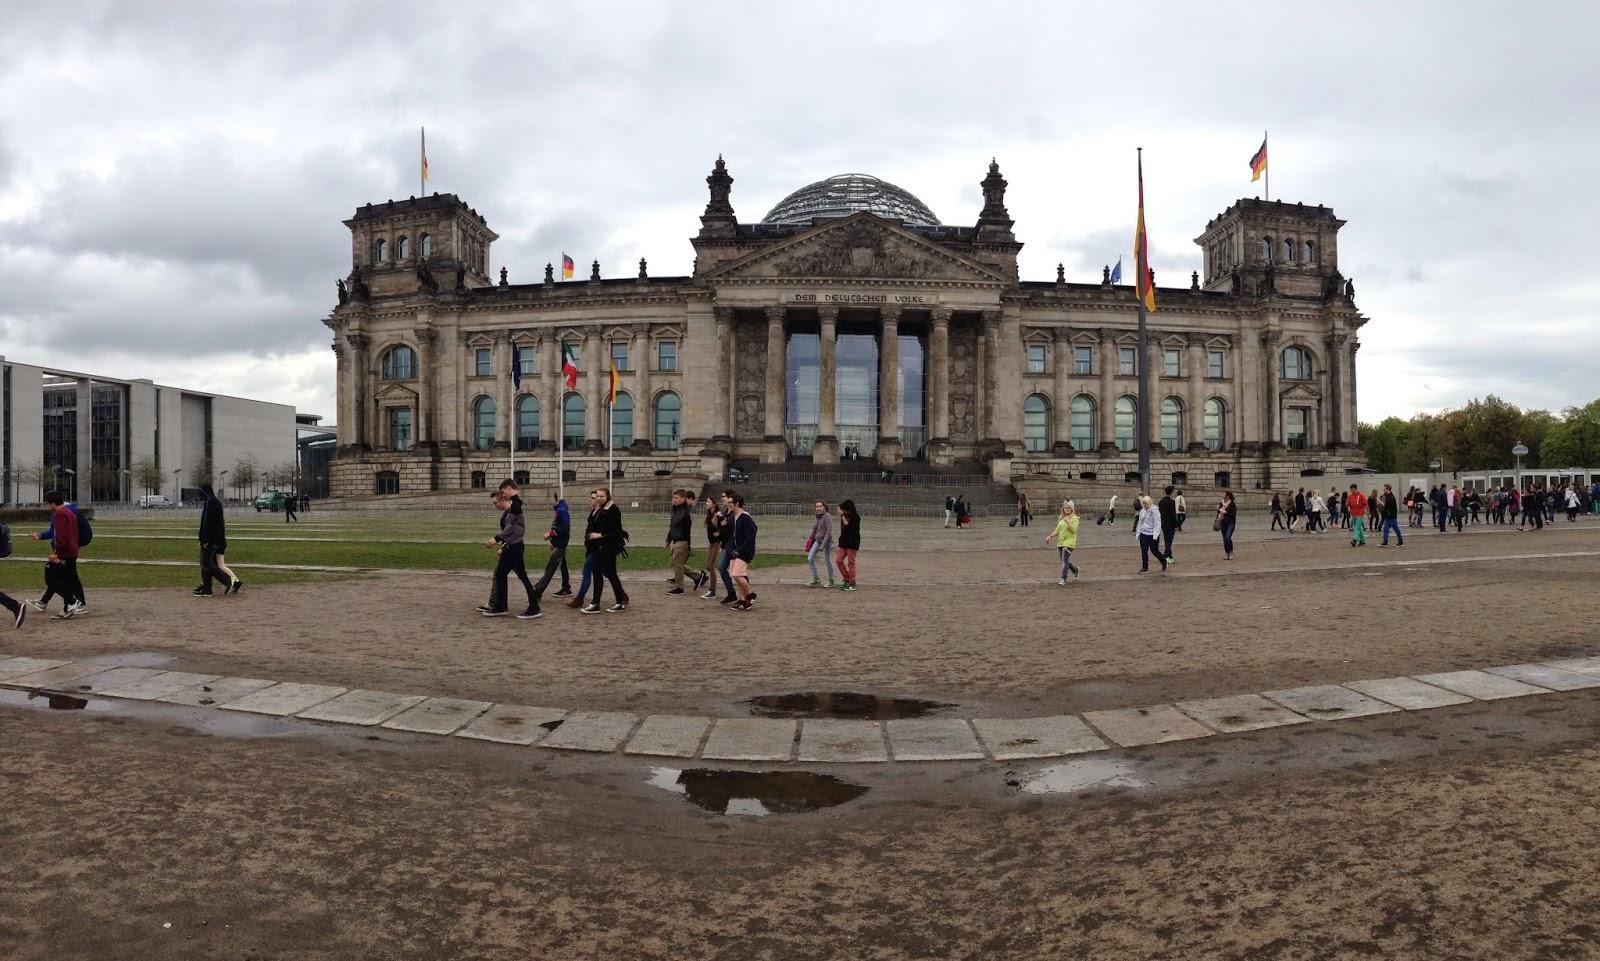 Tysklands revanschlust borta